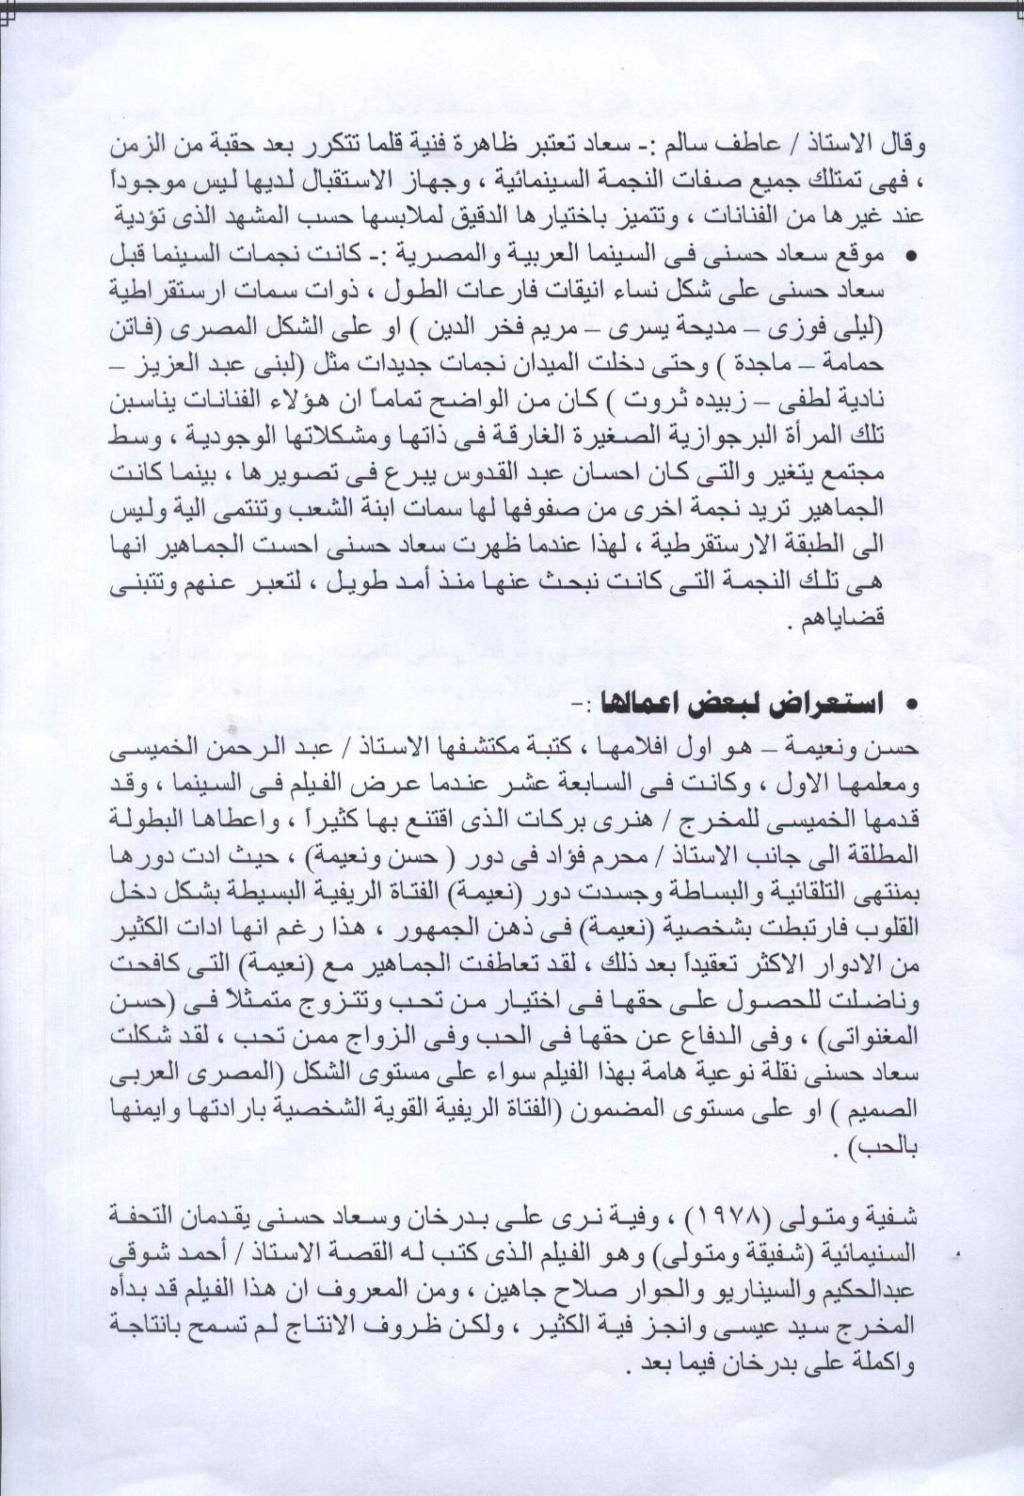 مقال صحفي : قصة حياة سعاد حسني .. مأخوذة من أحد الكتب 2006 (؟) م 3168